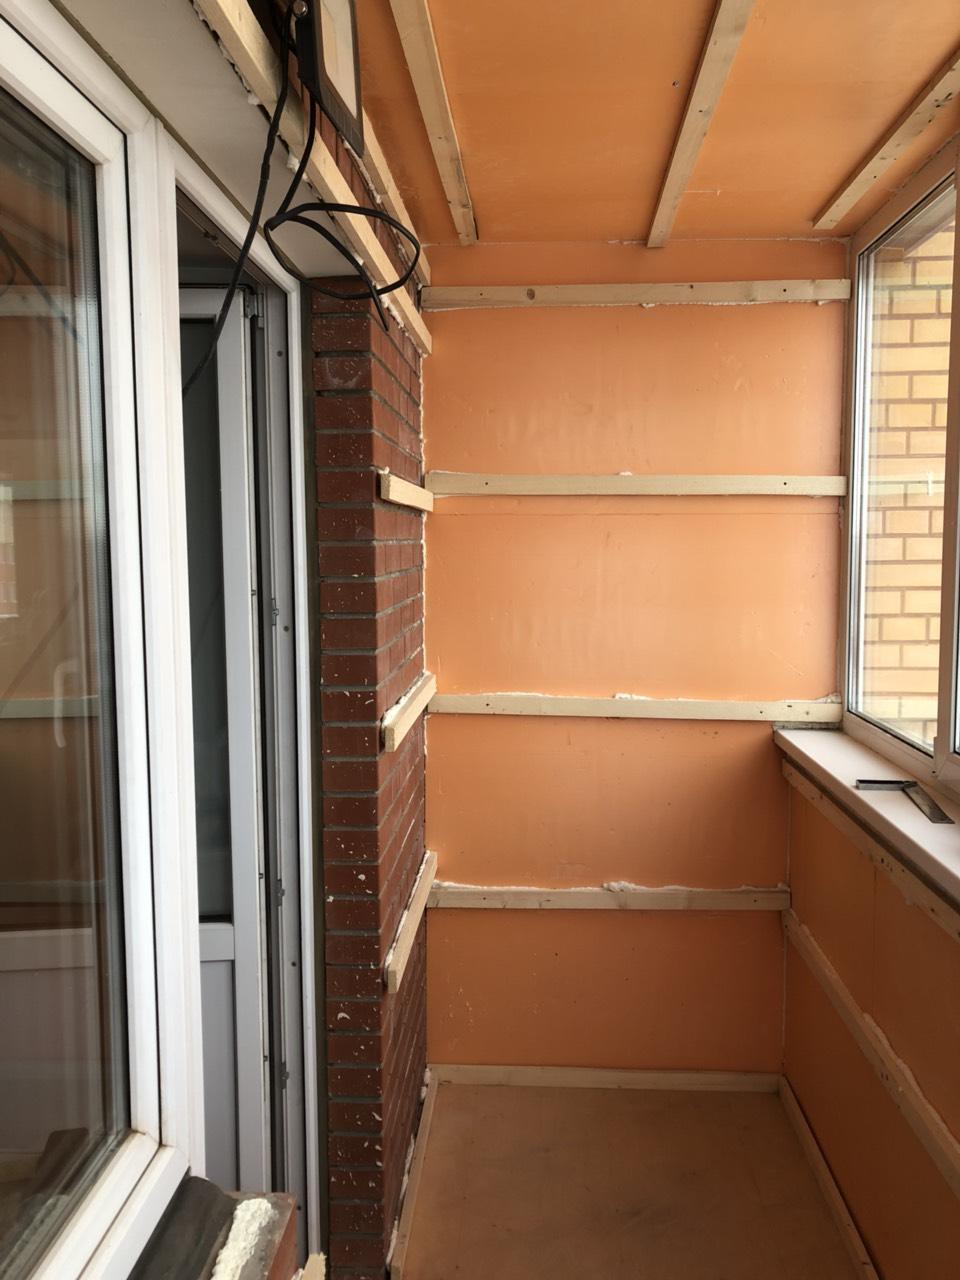 Чем утеплить балкон: лучшие материалы для теплоизоляции лоджии изнутри своими руками